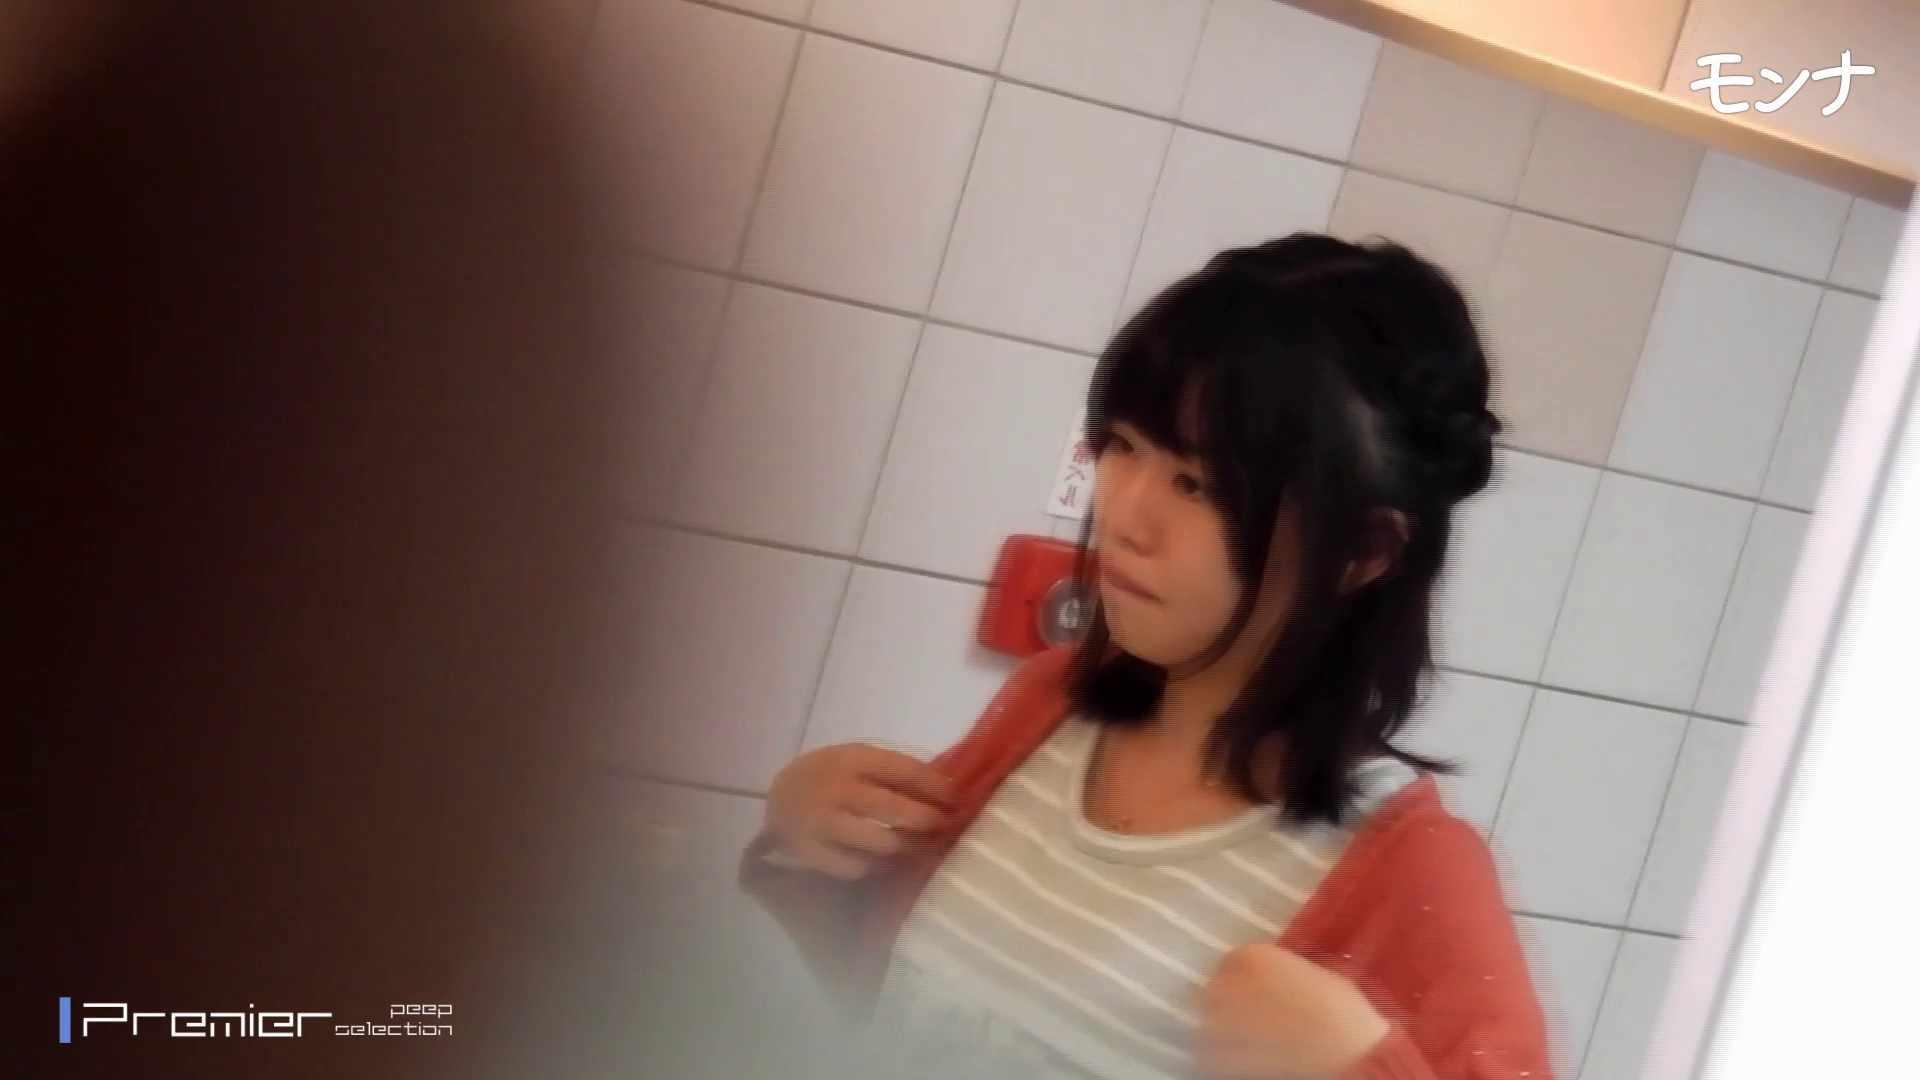 美しい日本の未来 No.58 清楚な顔で、ドロッと大量に!! 覗き特集 | おまんこ無修正  51PIX 33